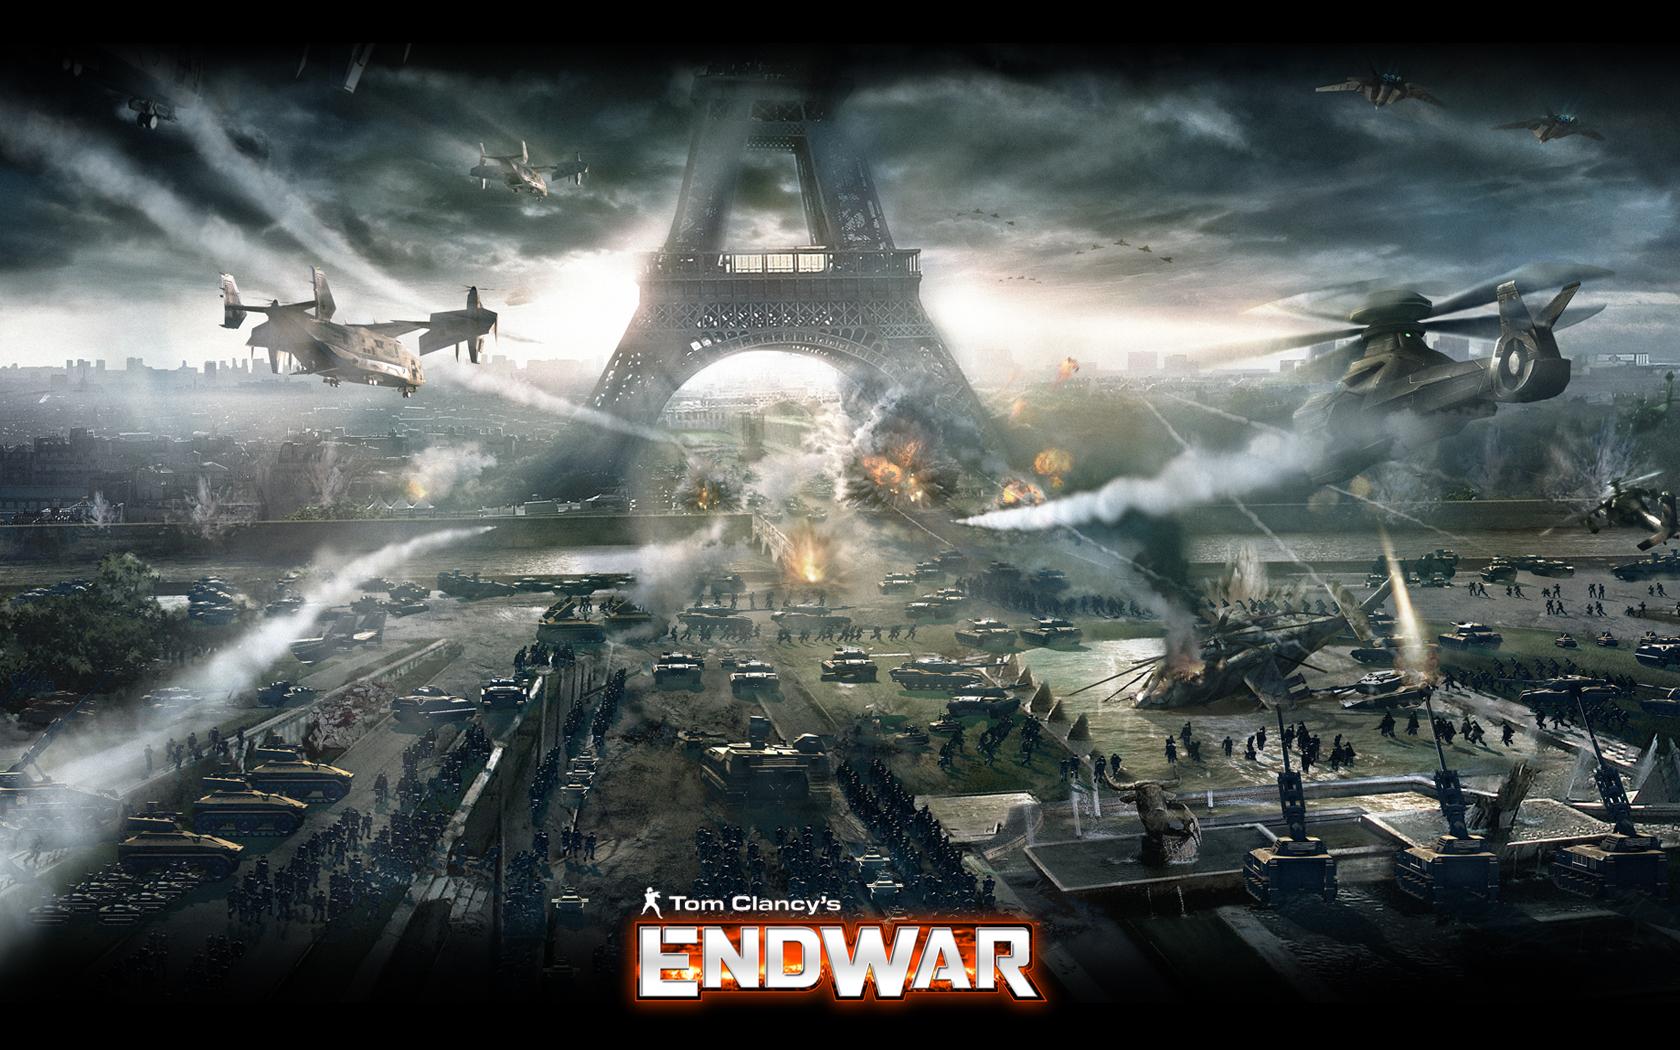 Hd wallpaper 3 tom clancy s endwar online - Hd Wallpaper 3 Tom Clancy S Endwar Online 36